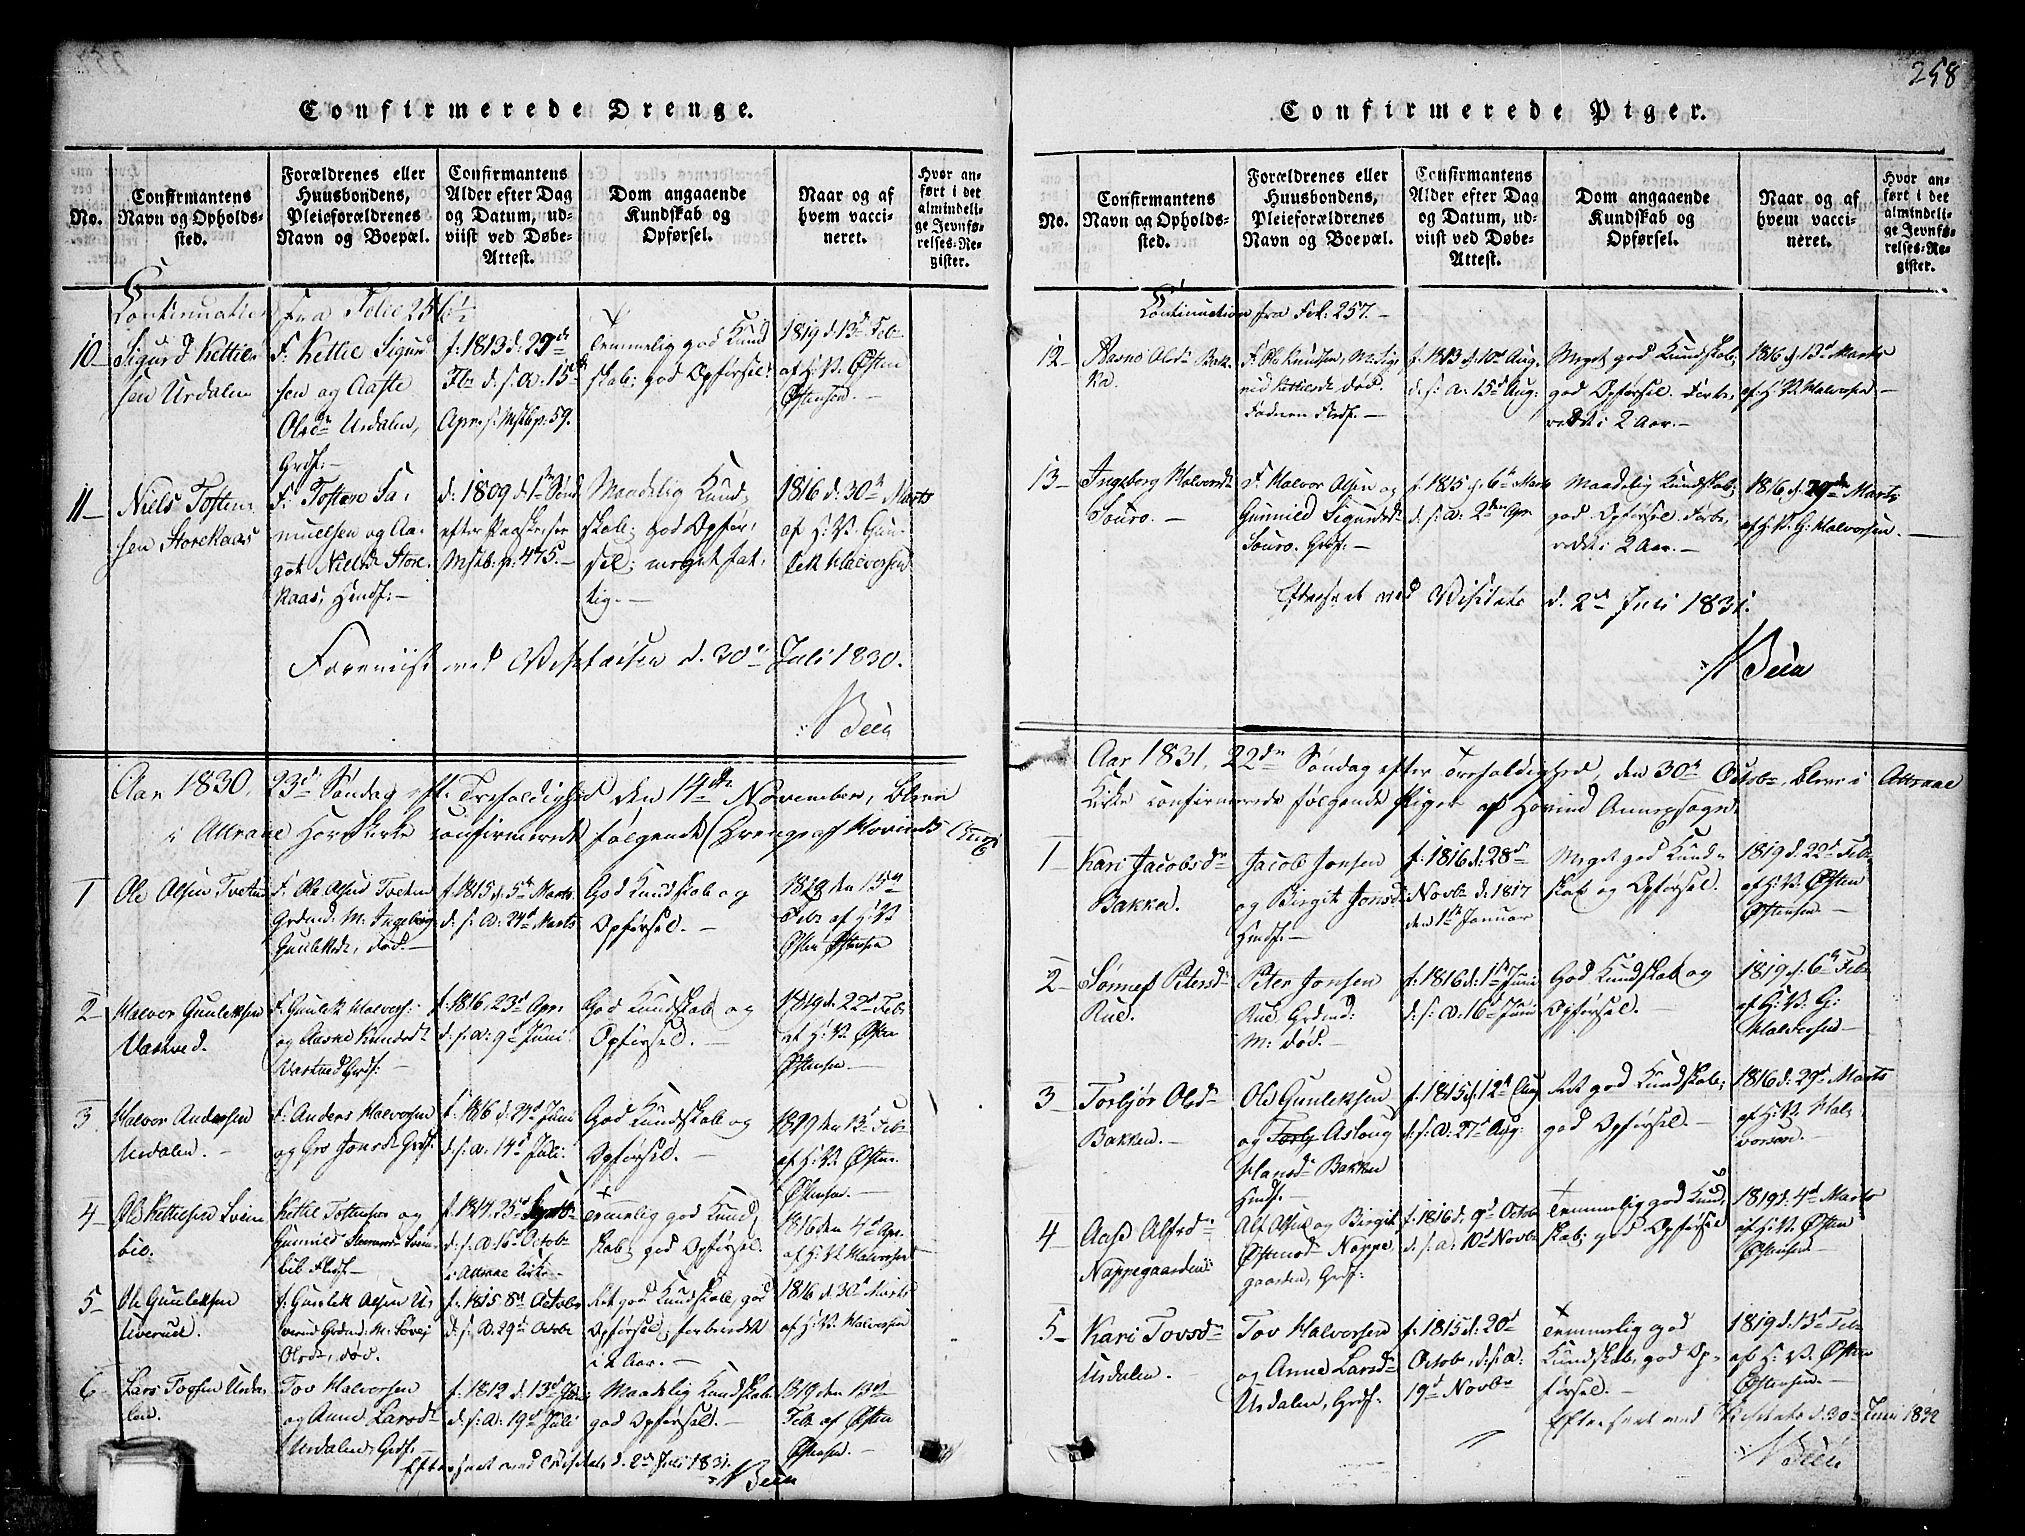 SAKO, Gransherad kirkebøker, G/Gb/L0001: Klokkerbok nr. II 1, 1815-1860, s. 258